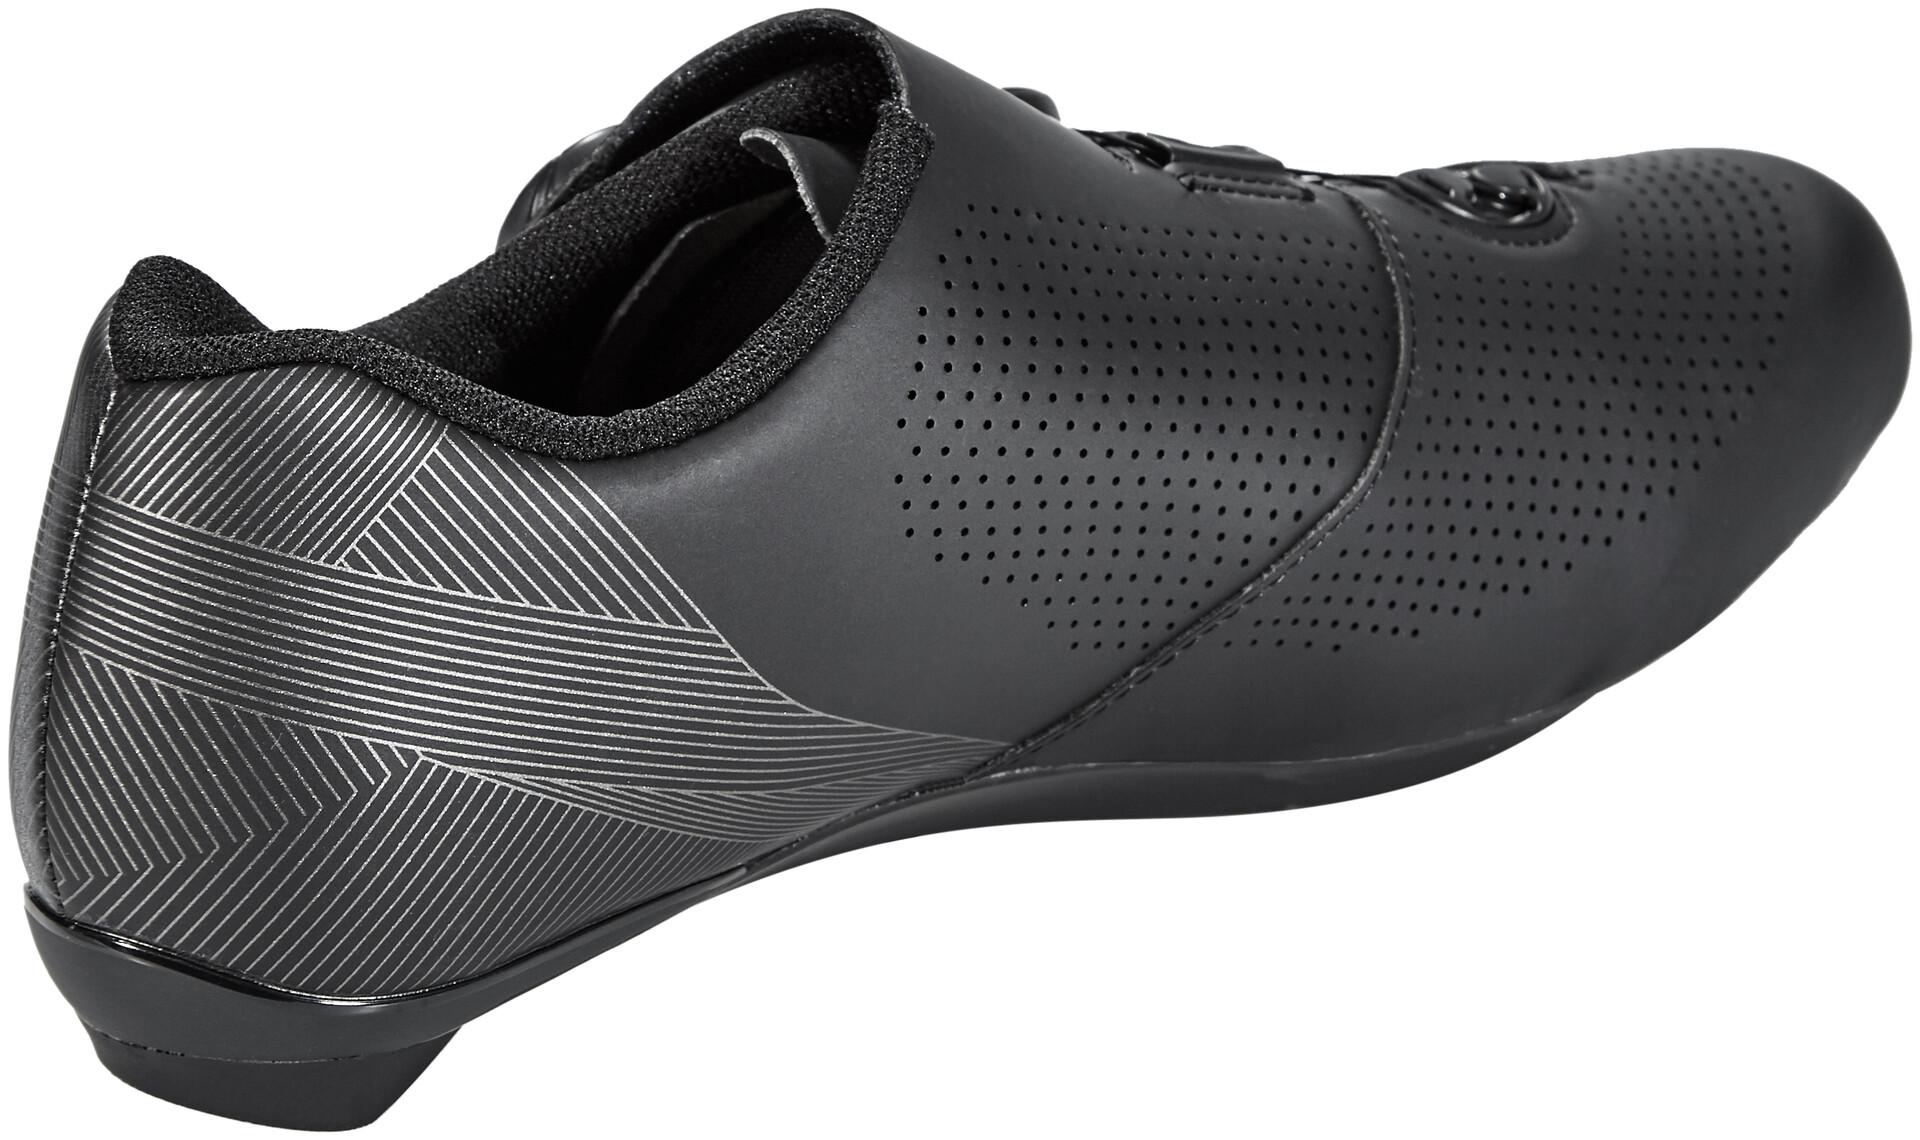 Shimano Chaussures Spd Taille Rc7 46 Sl Noir Rc701 K1JcuFlT3